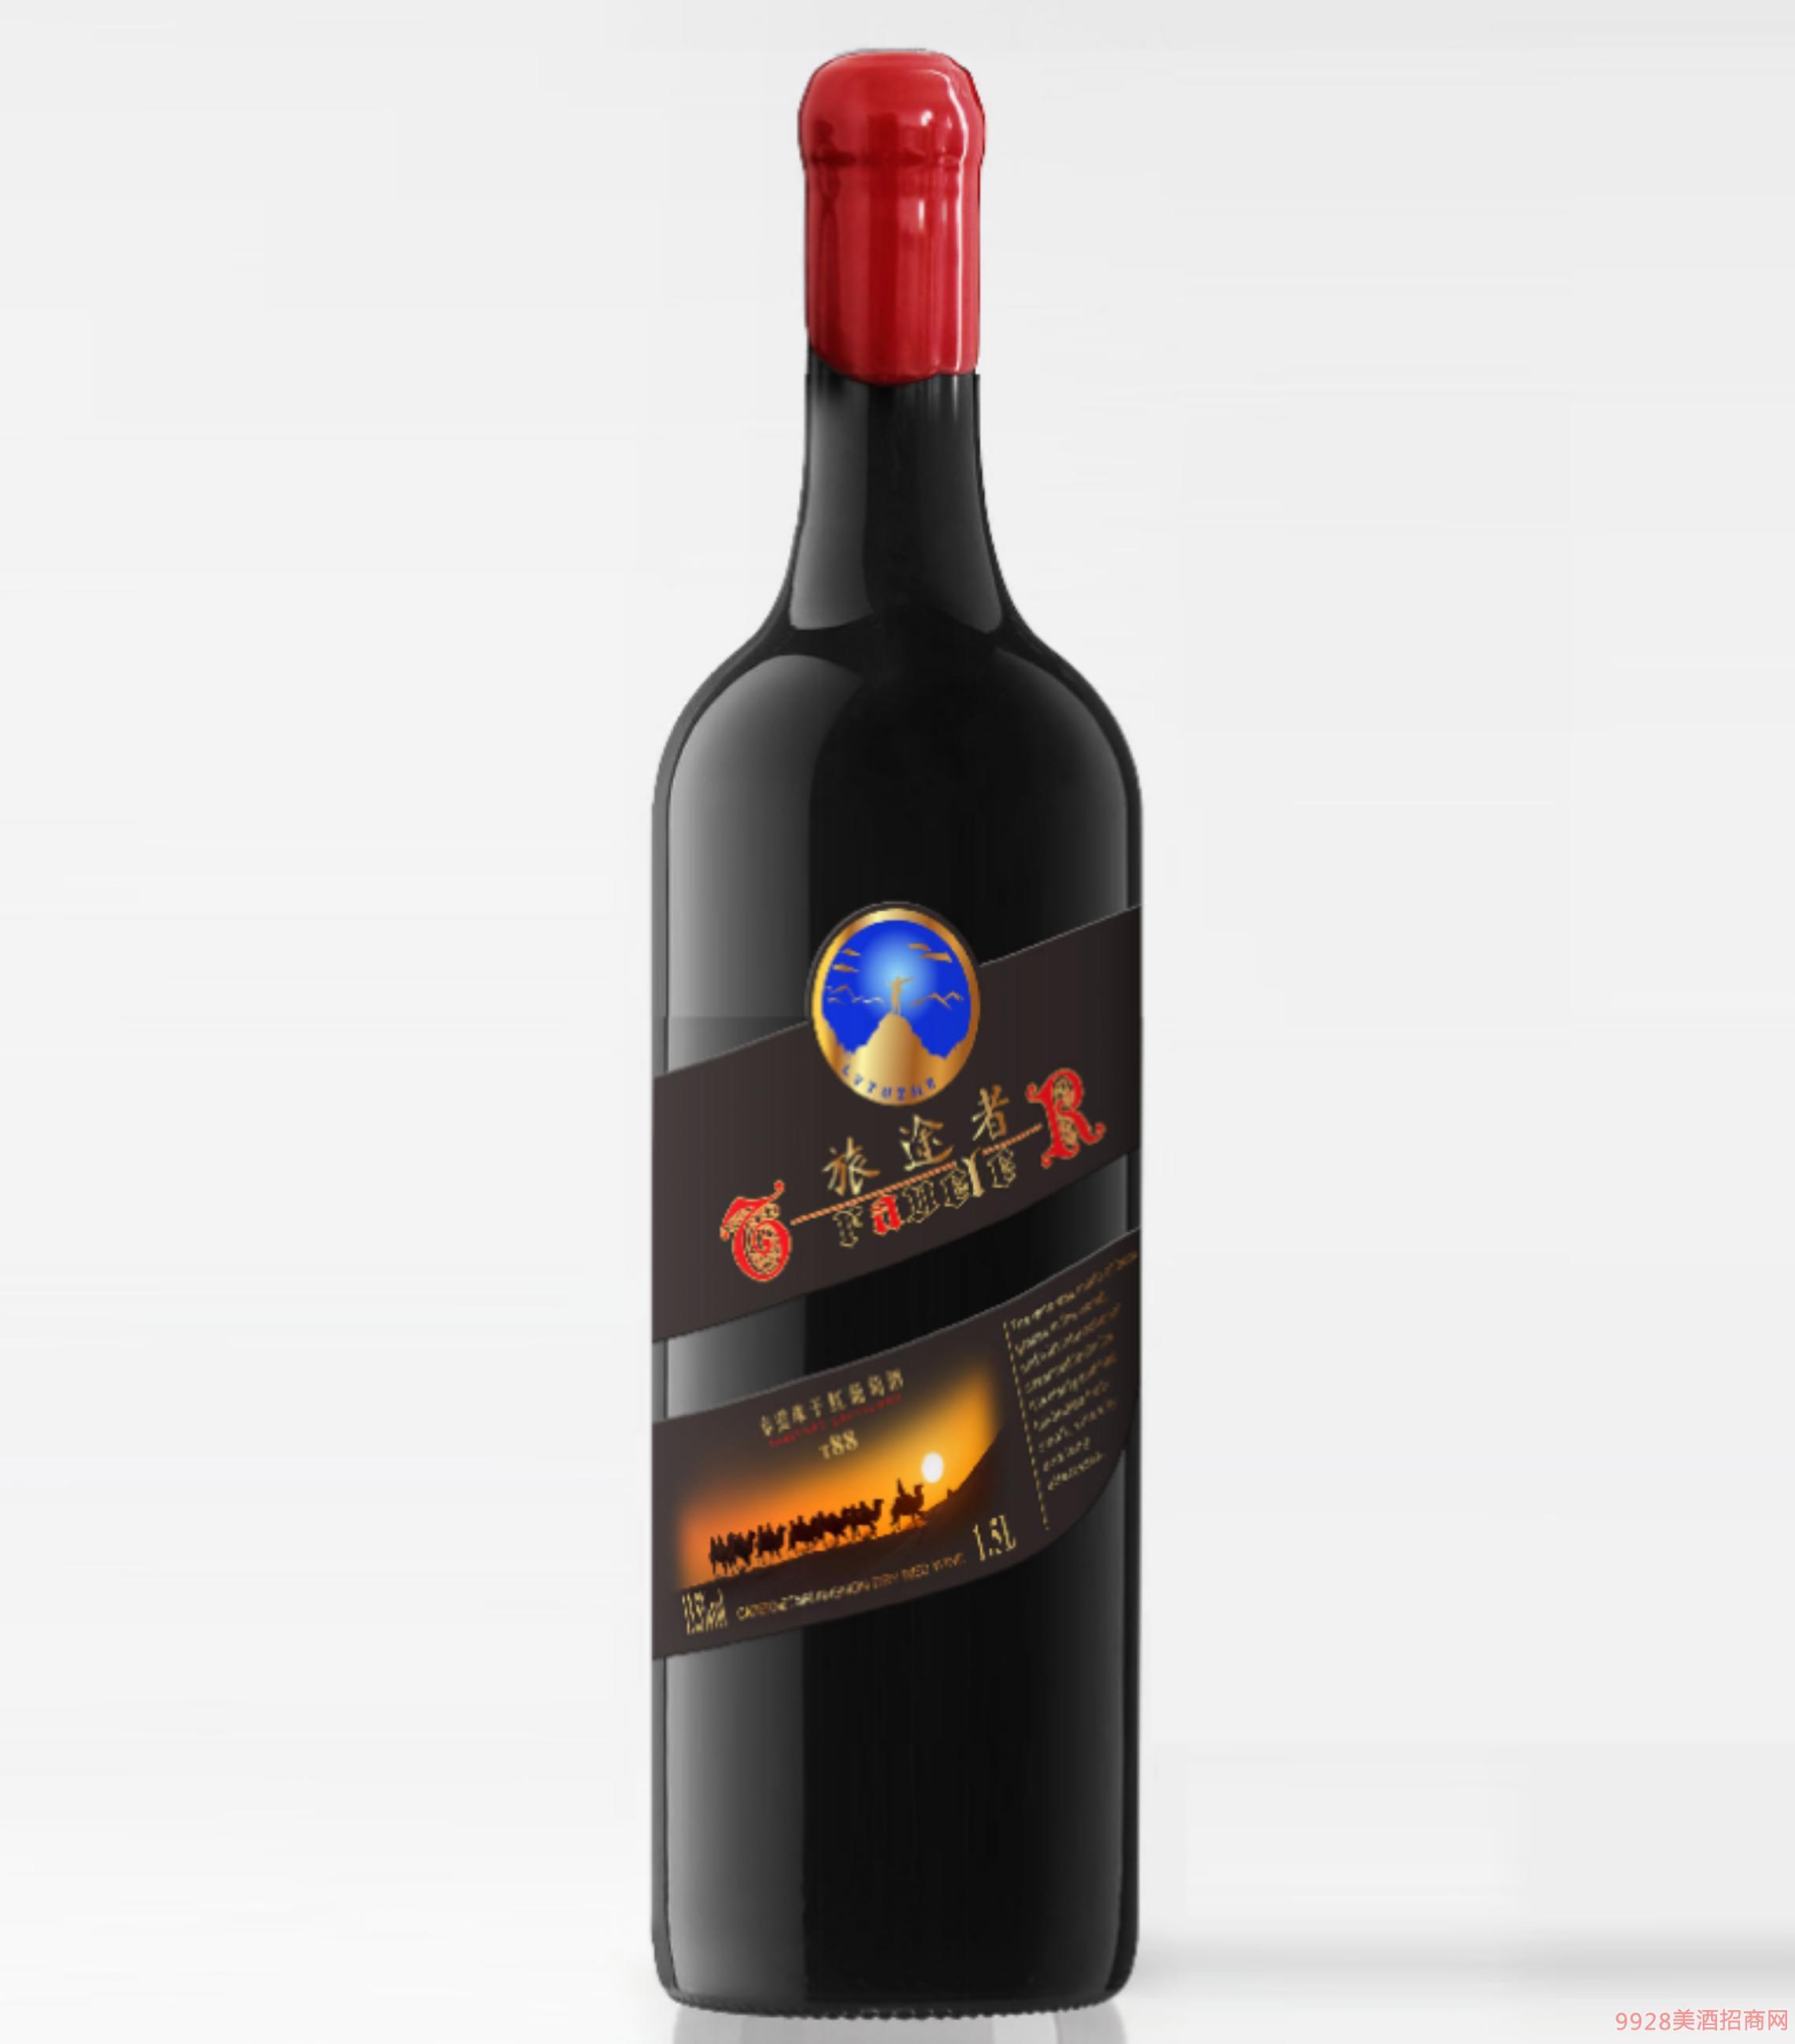 旅途者赤霞珠干�t葡萄酒T88-13.5度1.5L